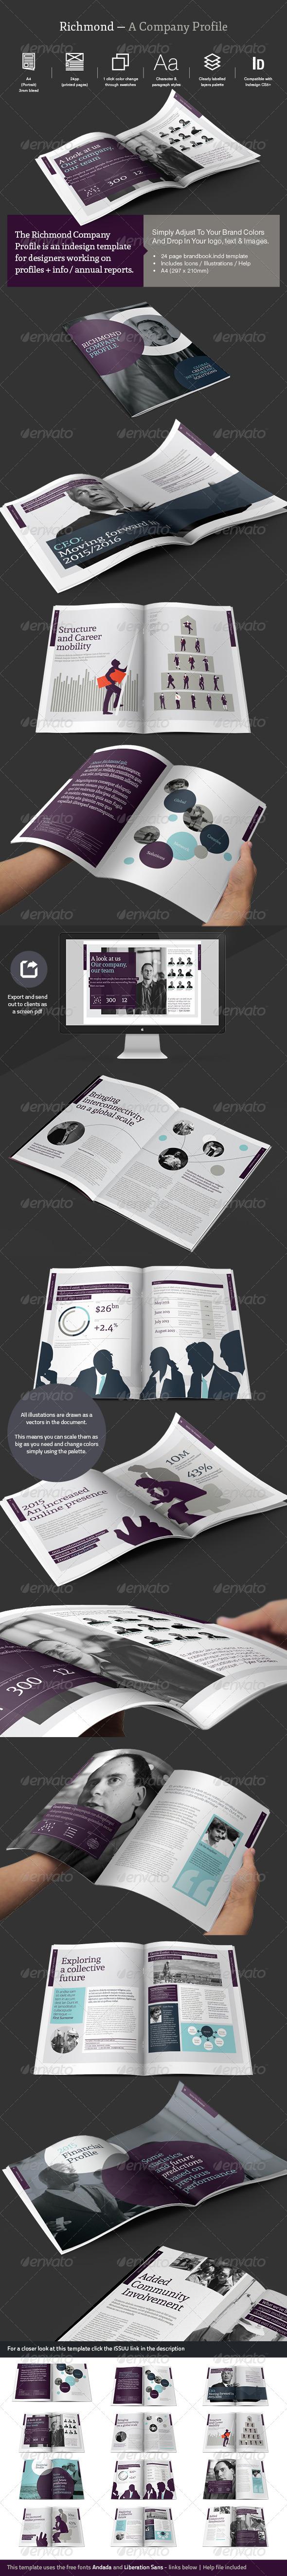 GraphicRiver Company Profile Review 7558744